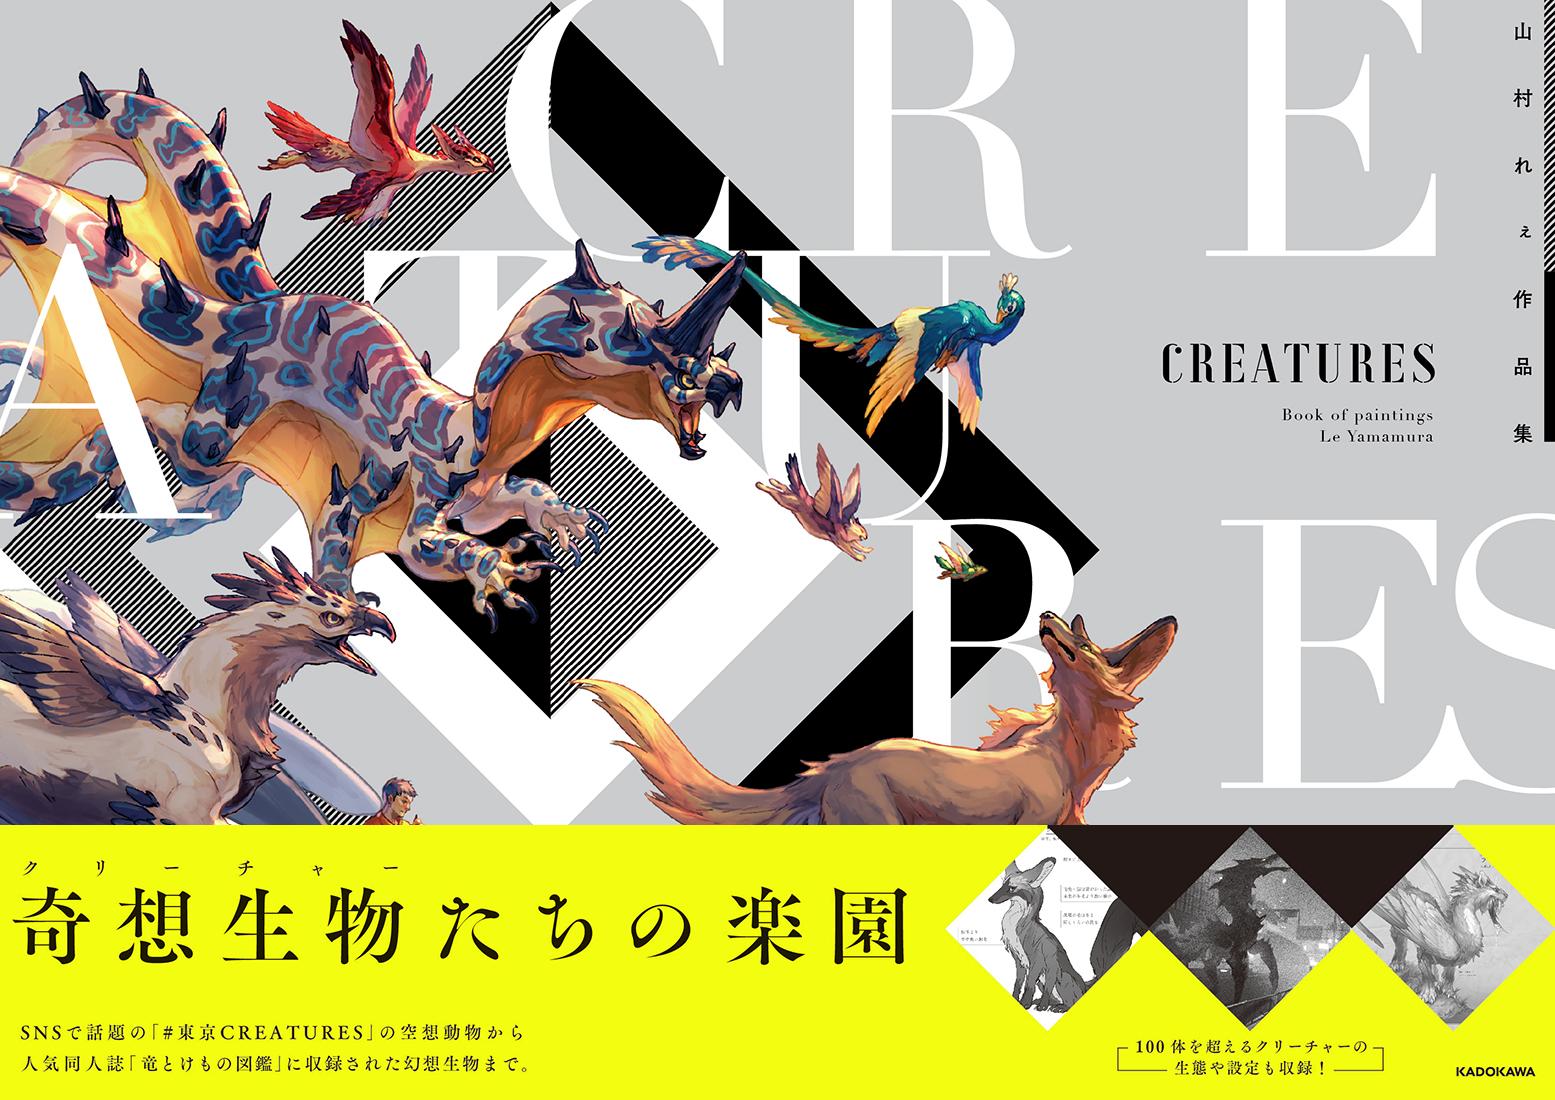 株式会社KADOKAWA様_CRATURES_編集補助